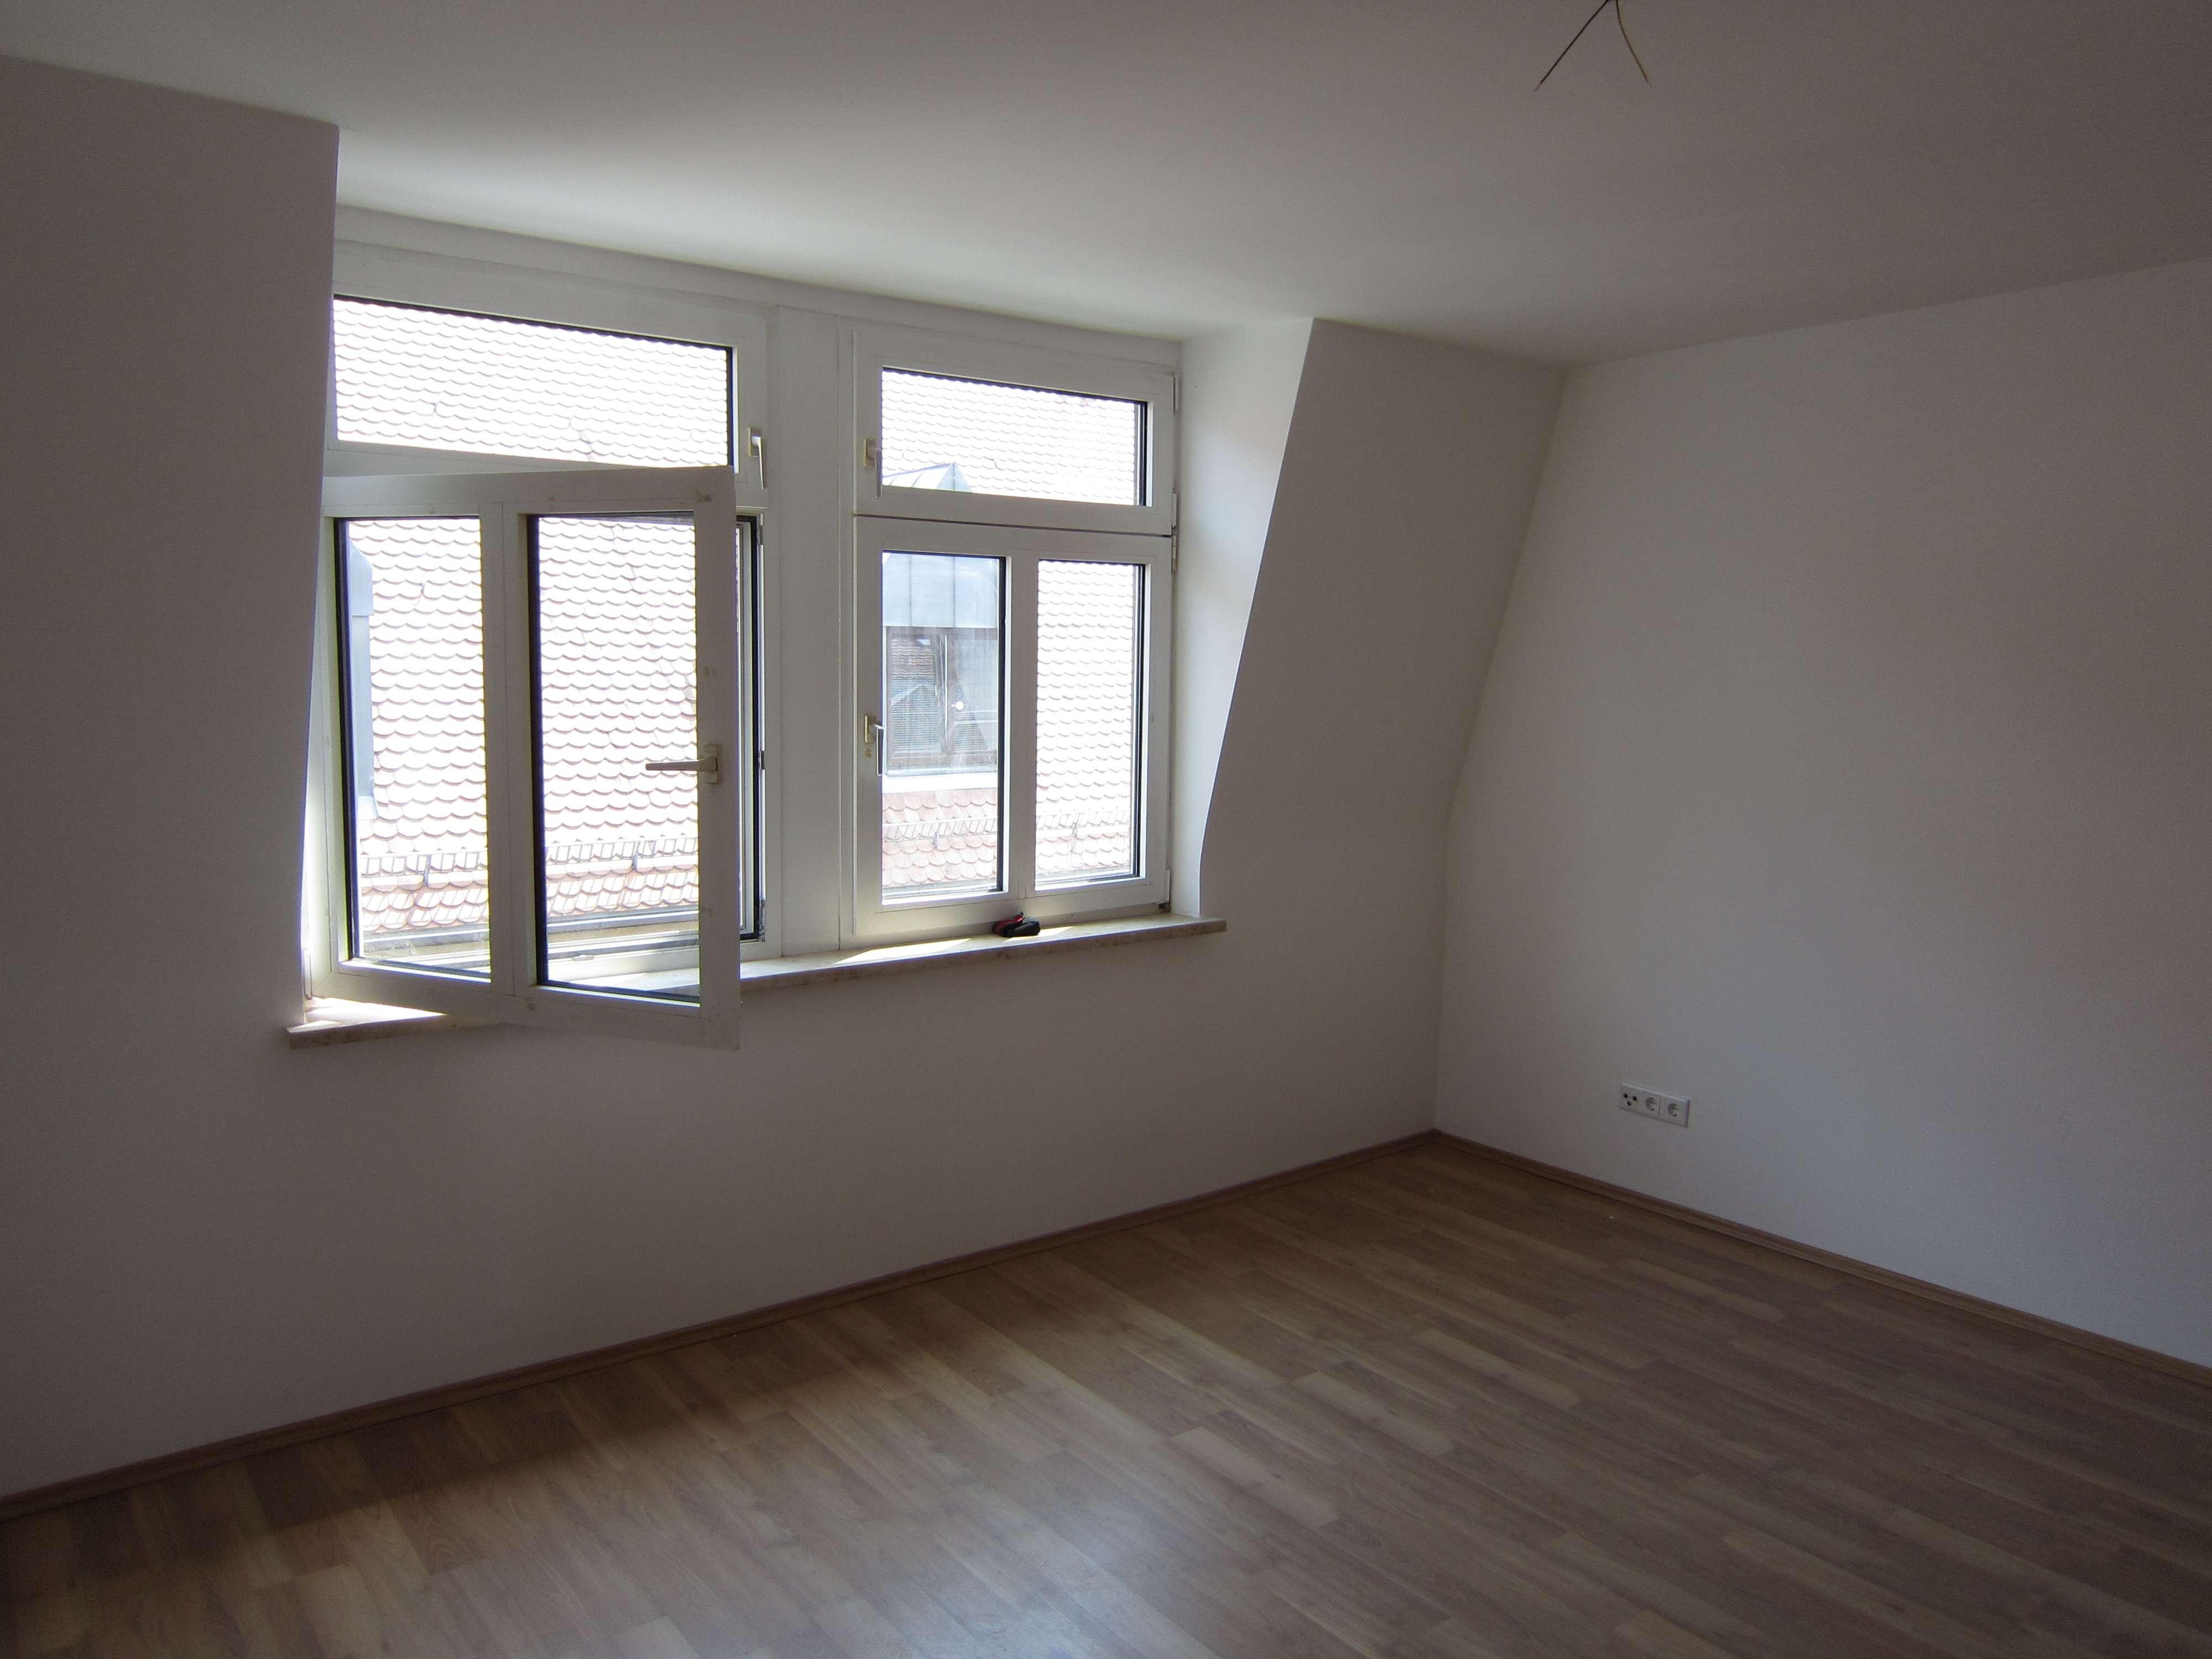 Geräumige, sanierte 1-Zimmer-Wohnung in Fürth in